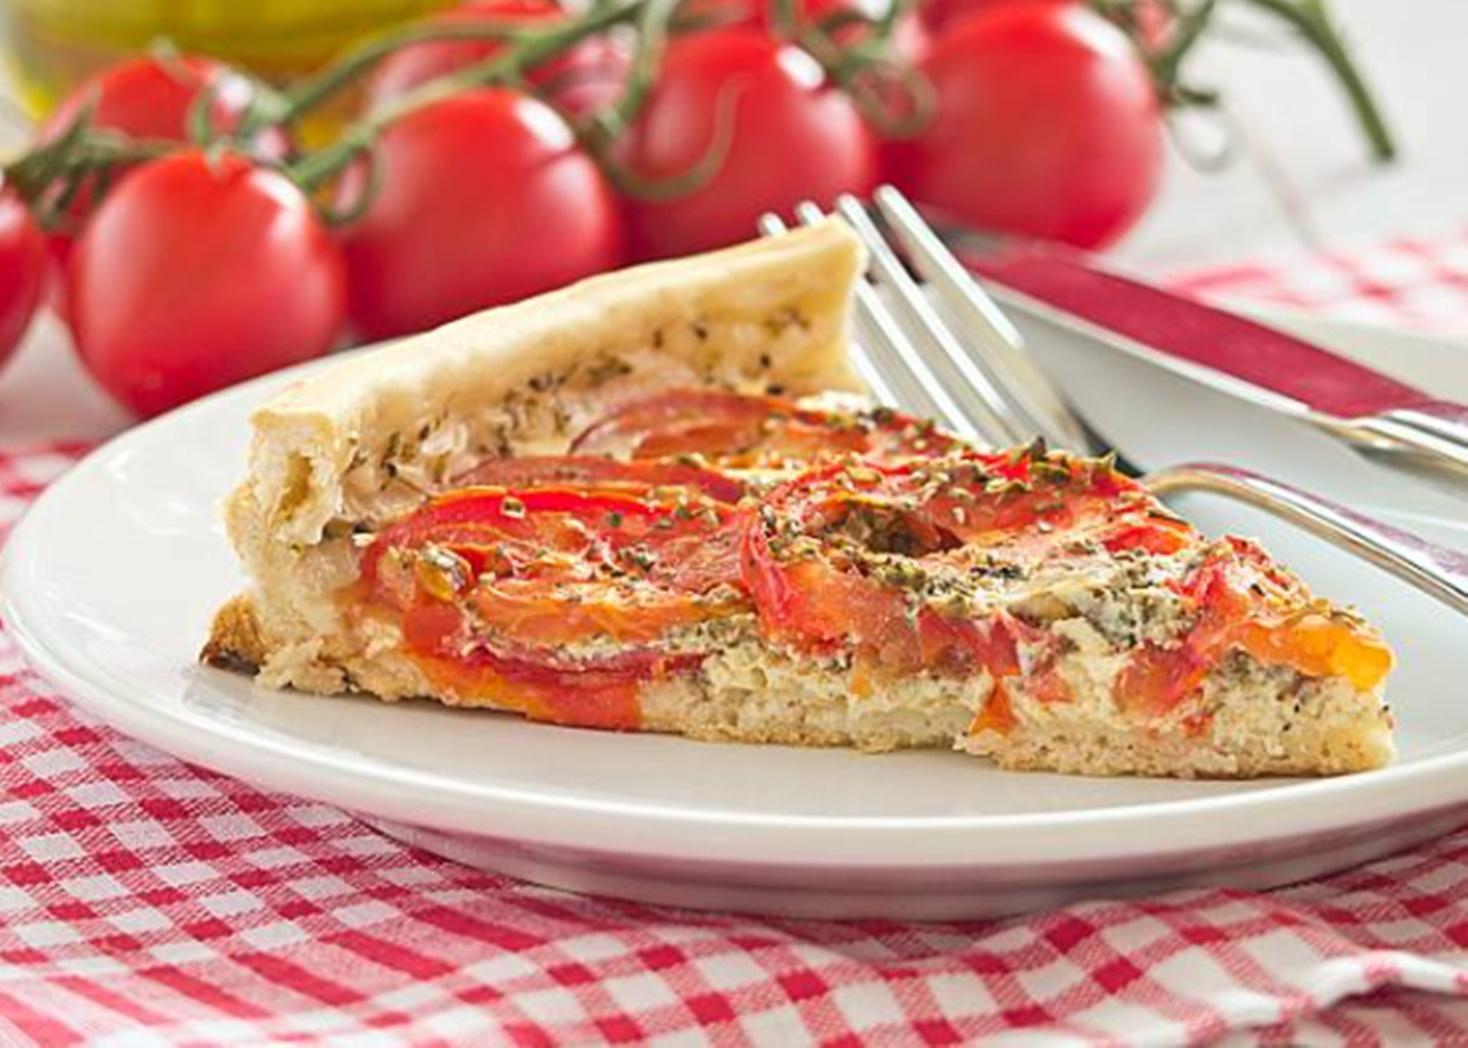 Rețetă de tartă sărată cu roșii și amestec de brânzeturi cu ceapă